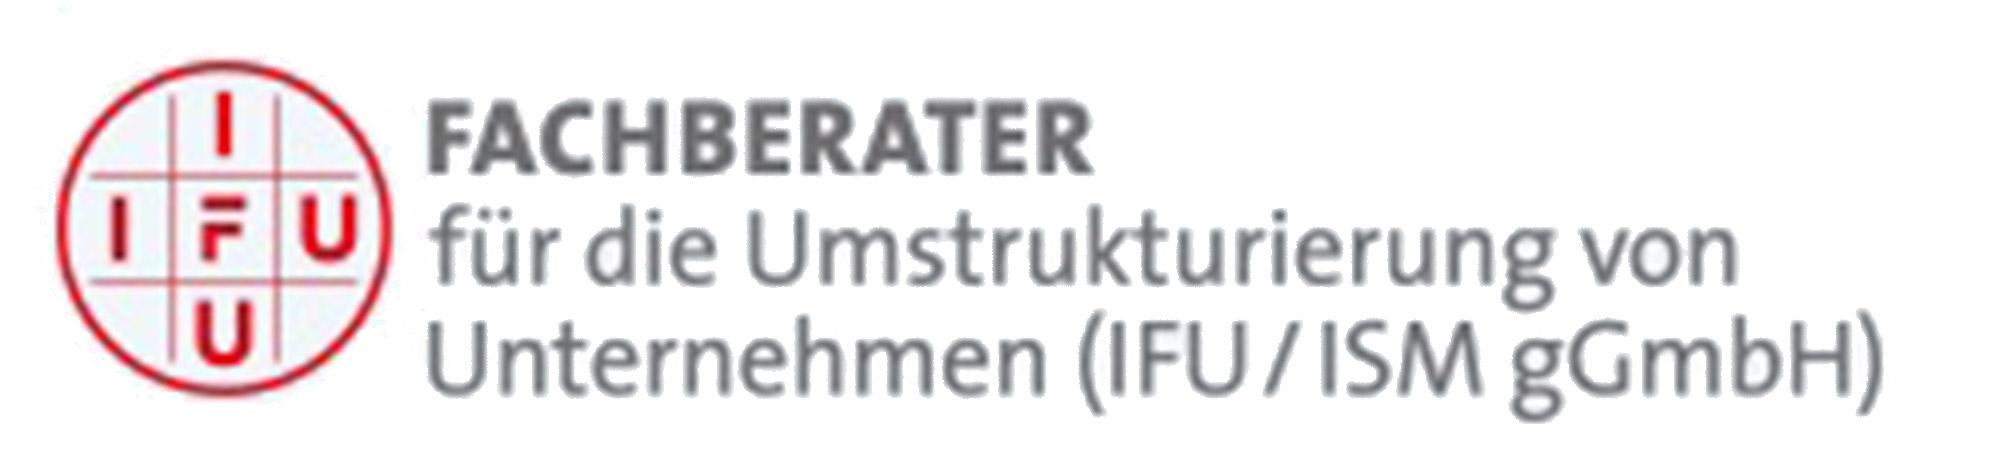 fachberater-unternehmensumstrukturierung-v4